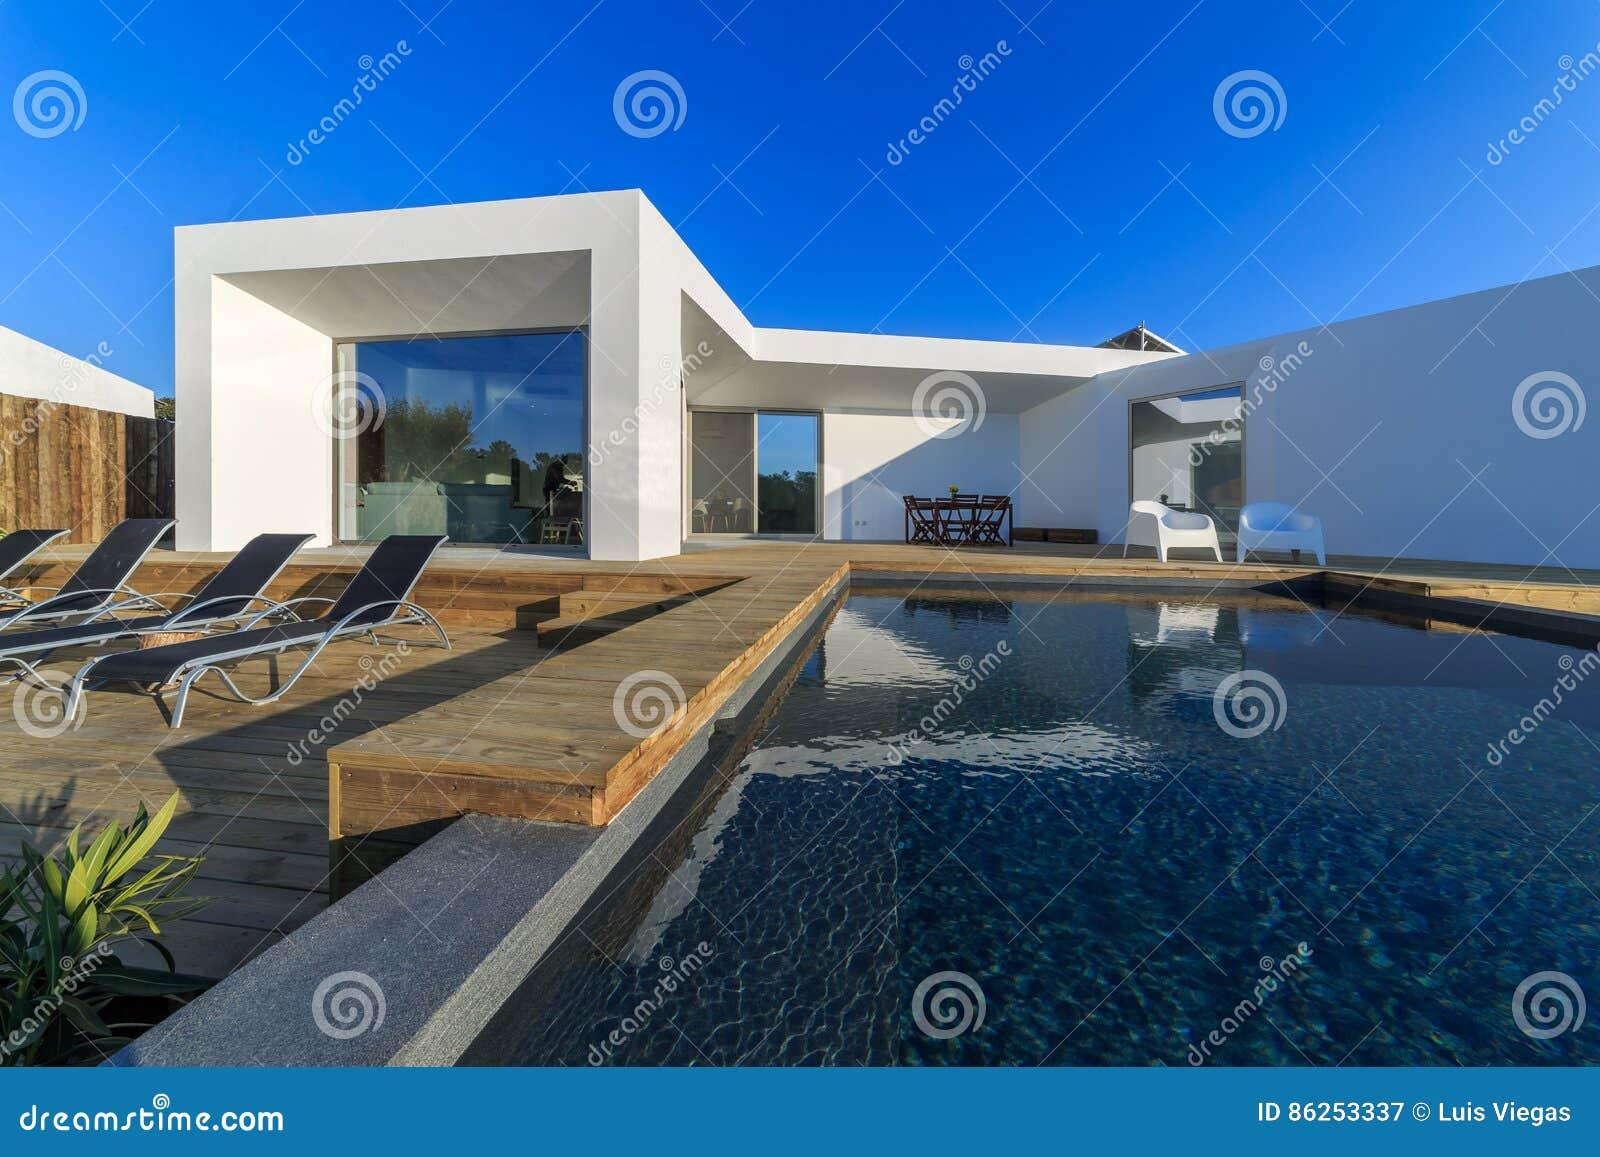 Giardini Moderni Con Piscina : Casa moderna con la piscina del giardino e la piattaforma di legno